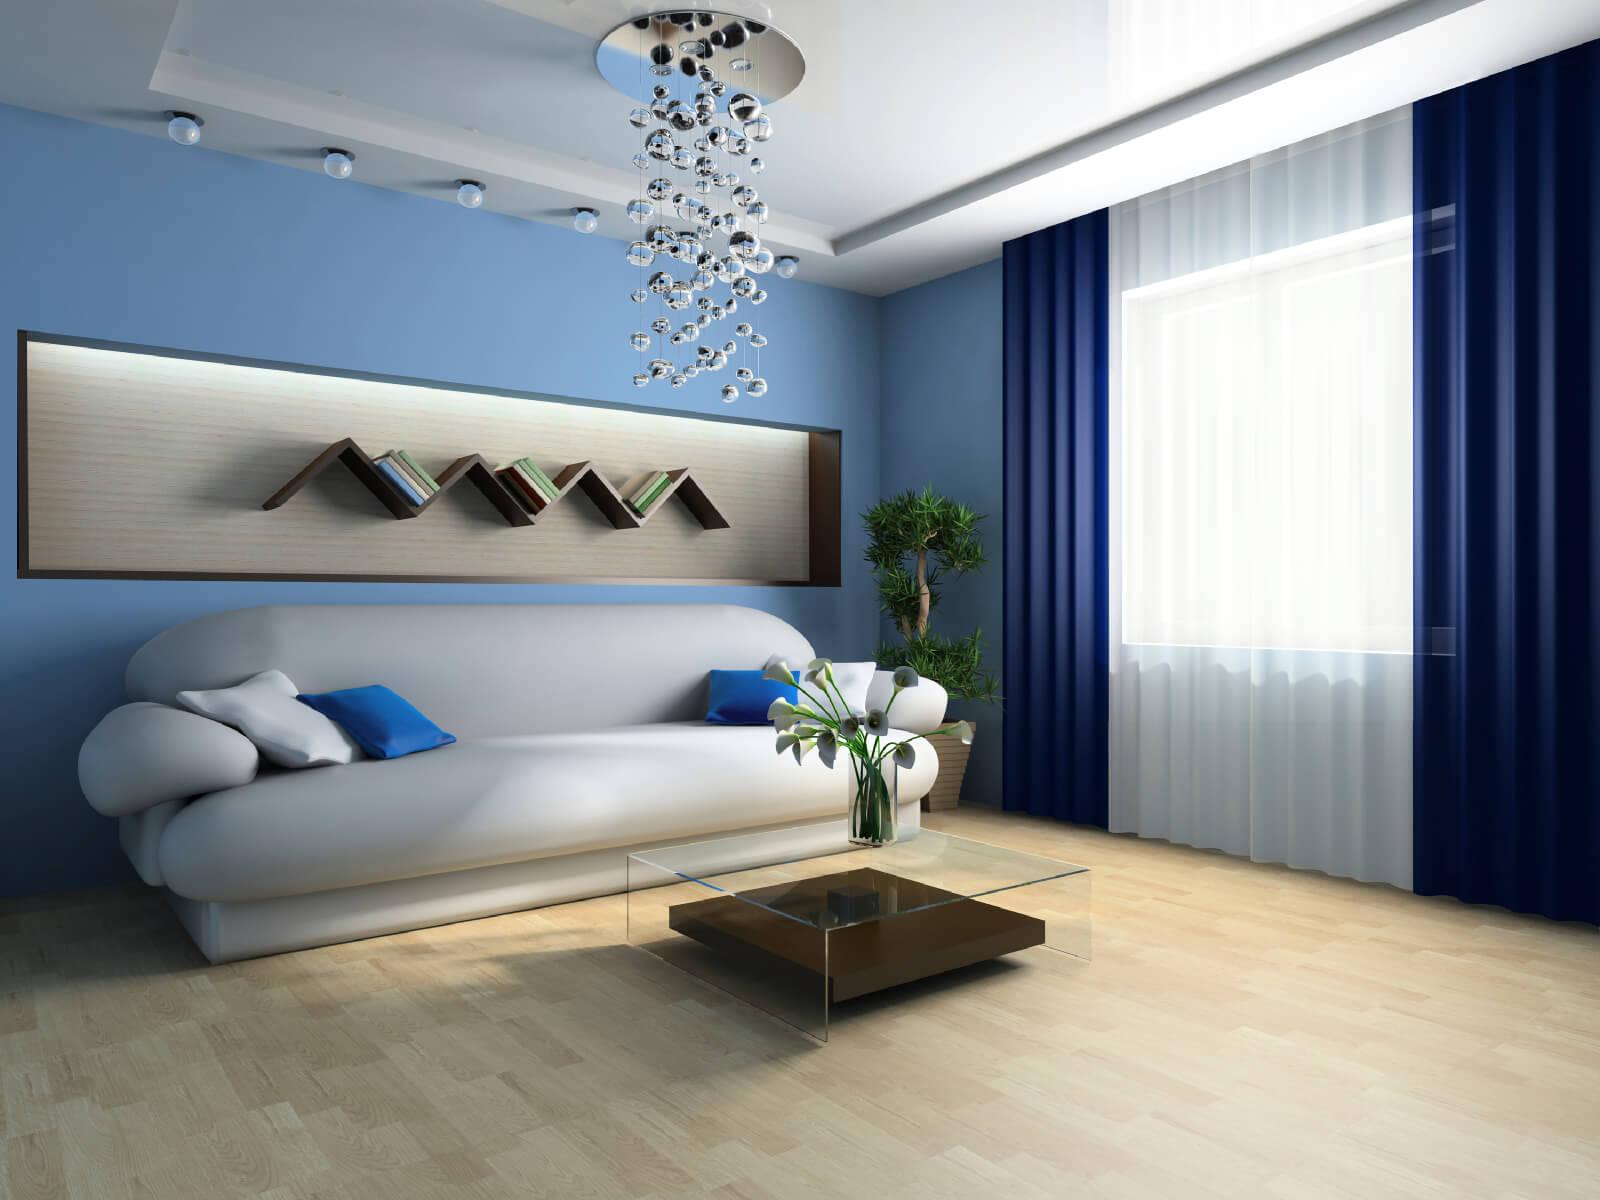 гостиная комната в голубых тонах минимализм